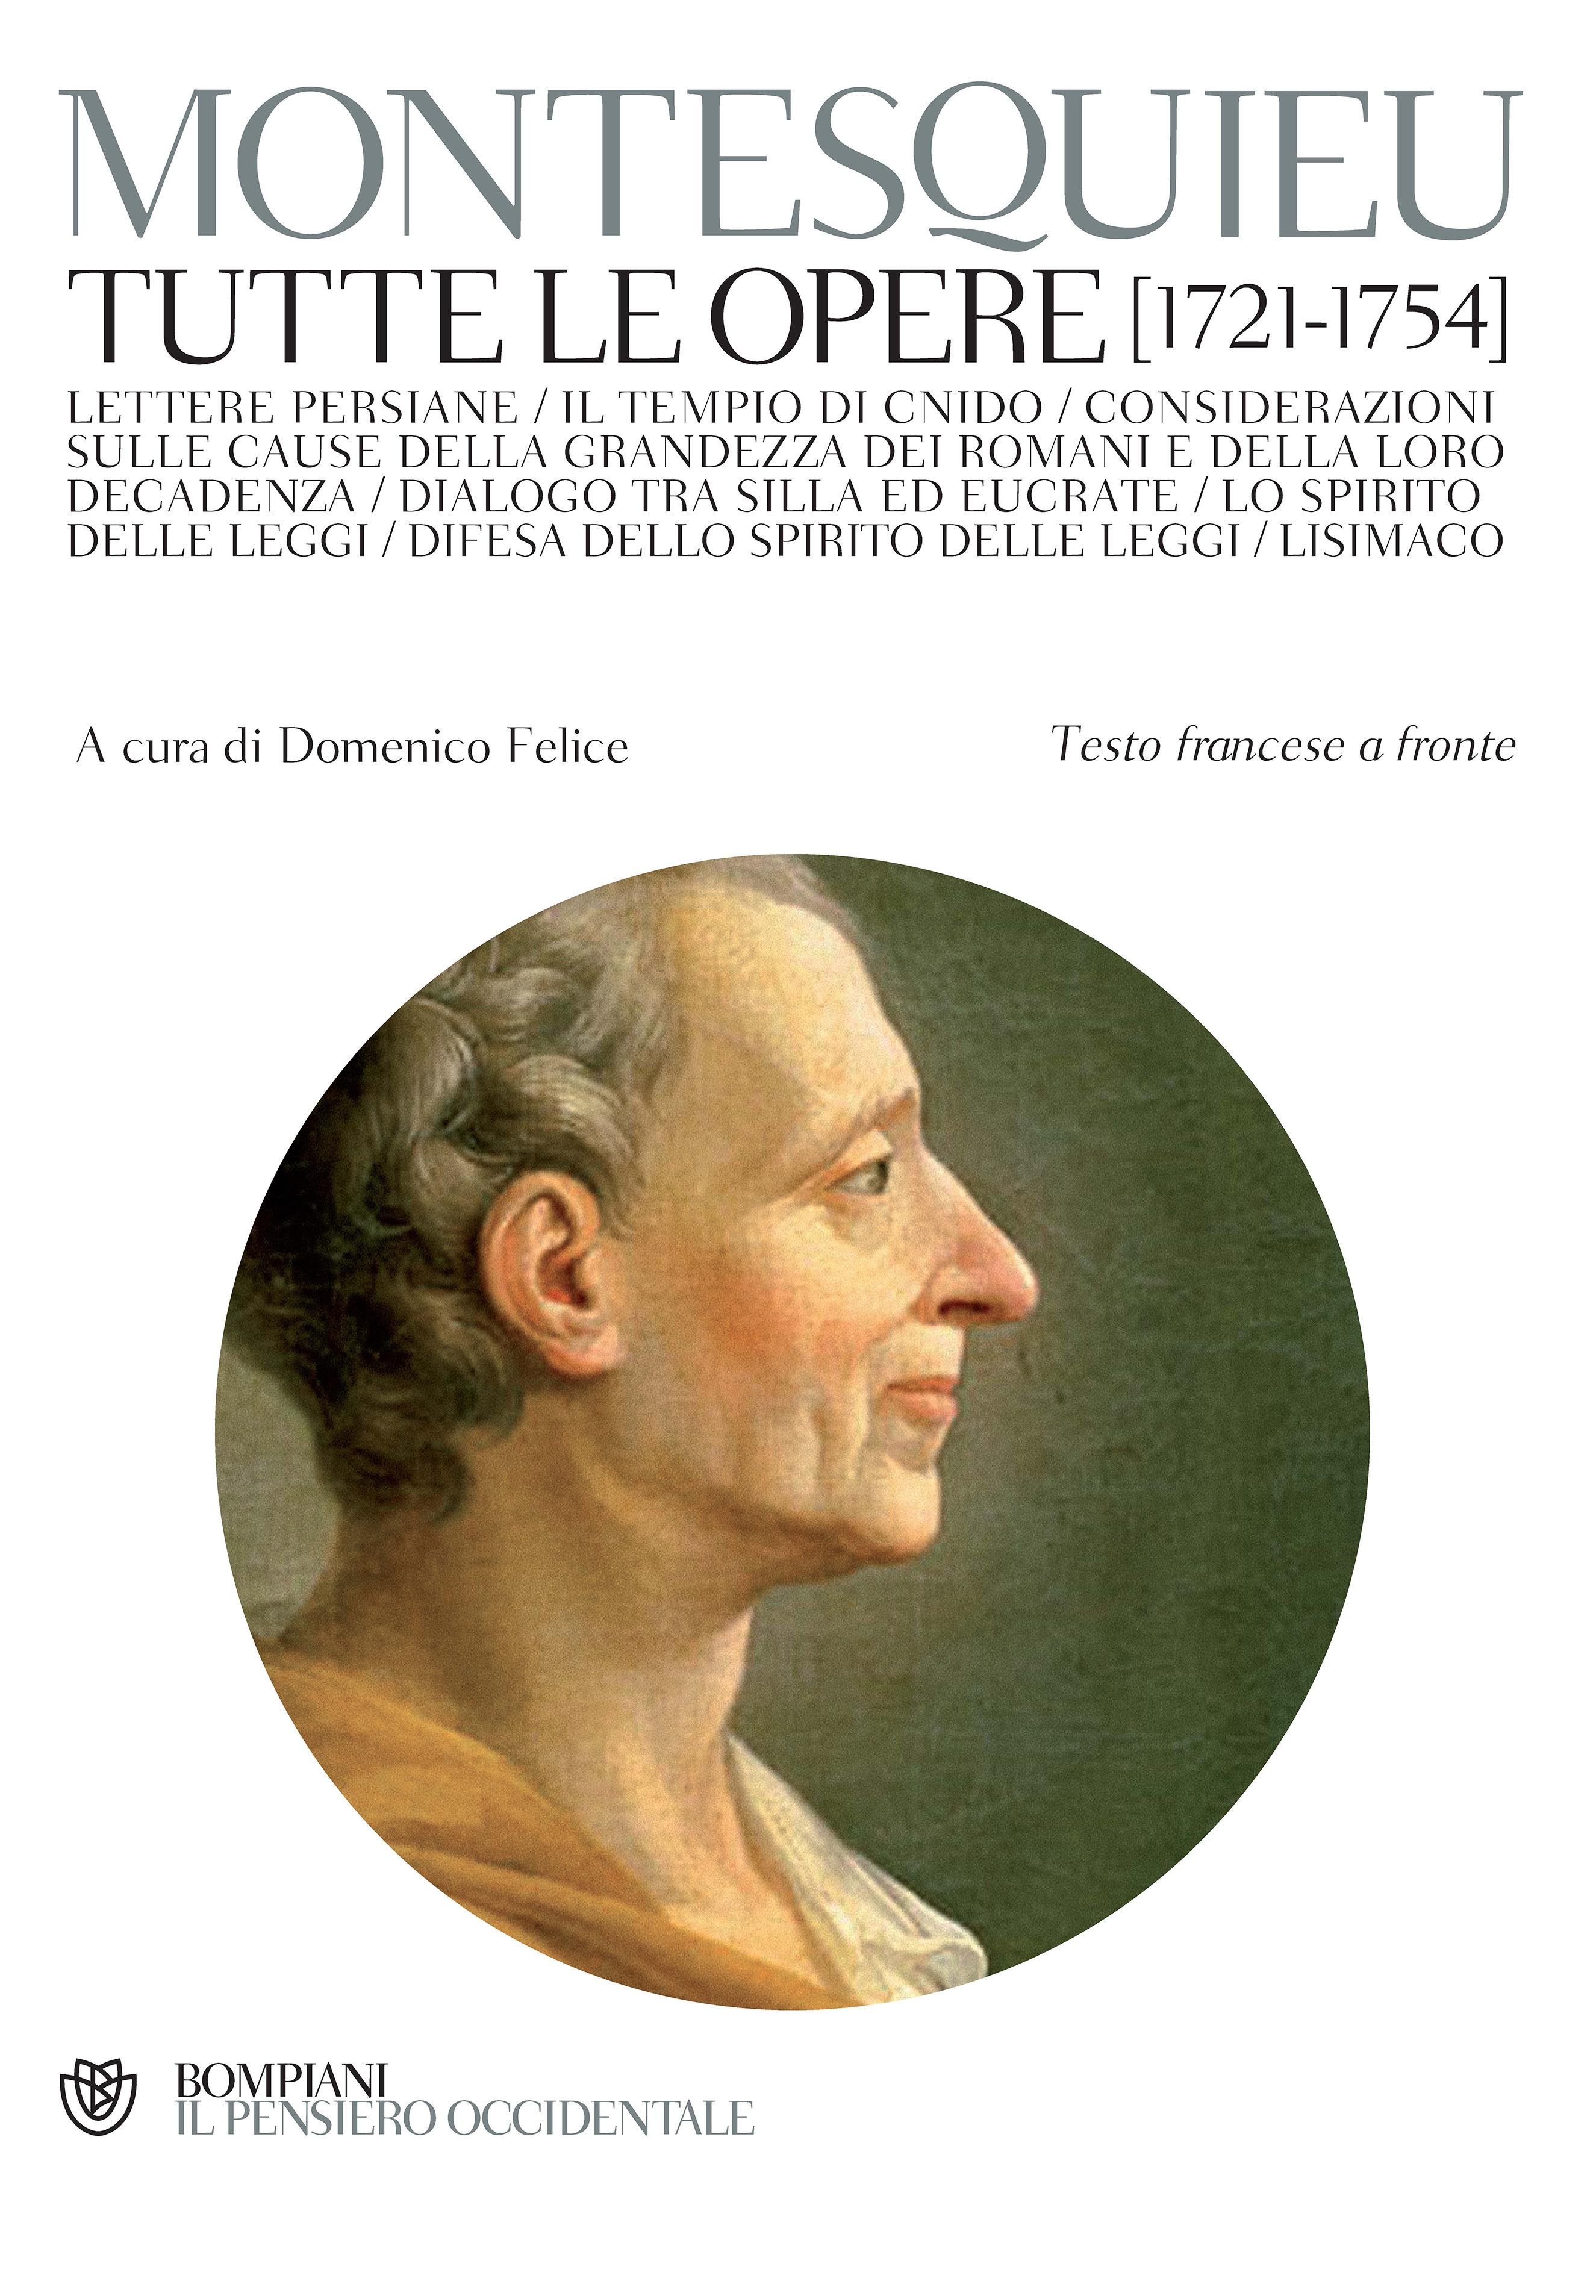 Tutte le opere (1721-1754)